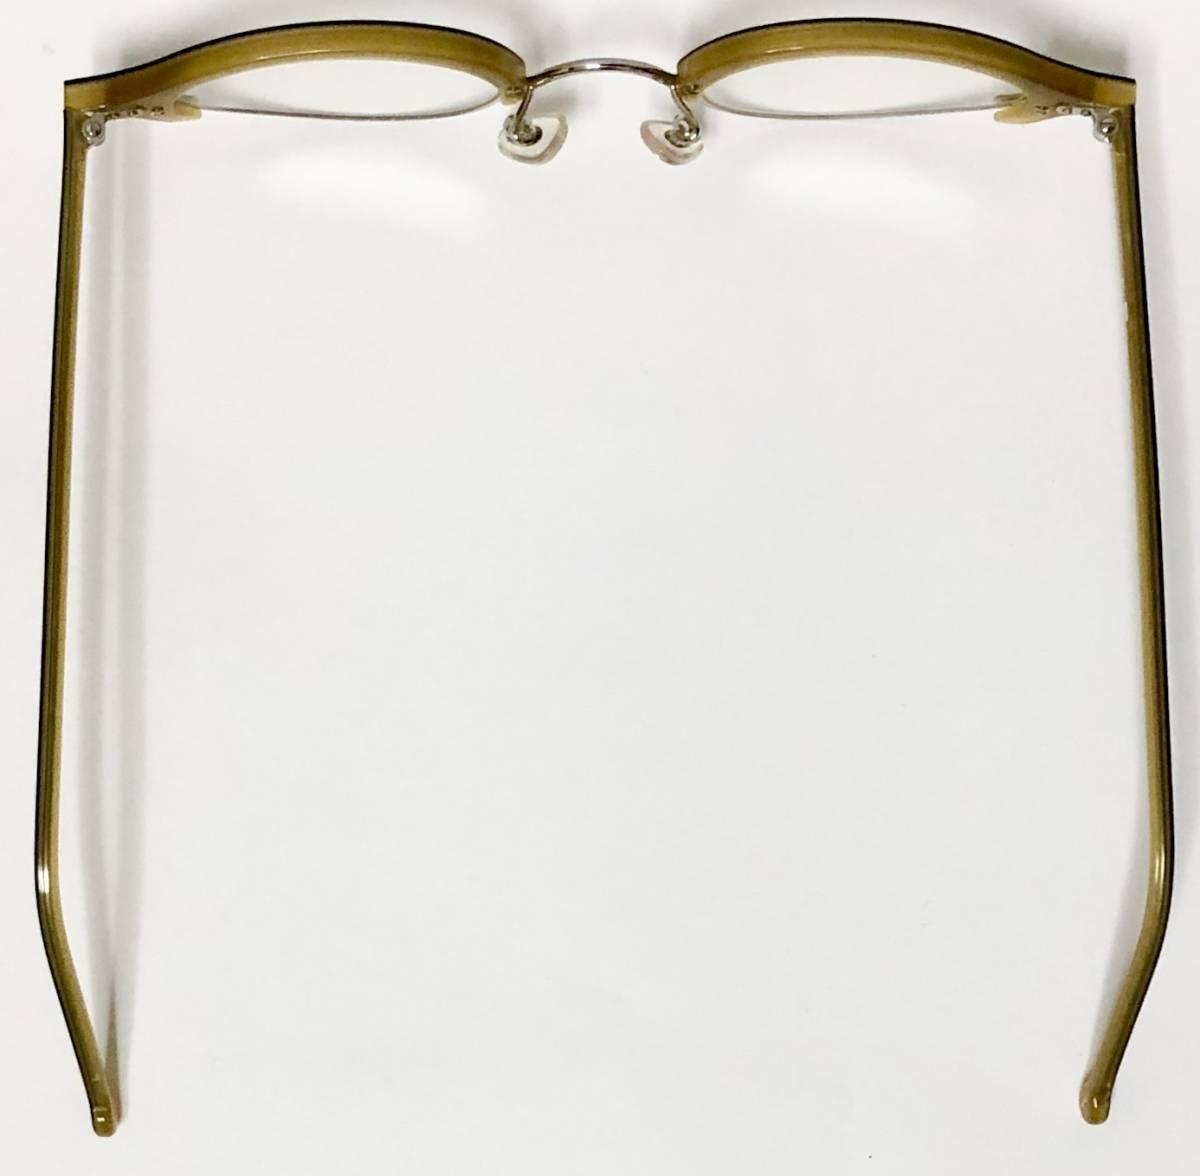 ビンテージ・新品】1990年代 l.a. Eyeworks イタリア製ティリー 茶色 高級メガネ エルエーアイワークス /ヴィンテージ 米国ブランド_画像8